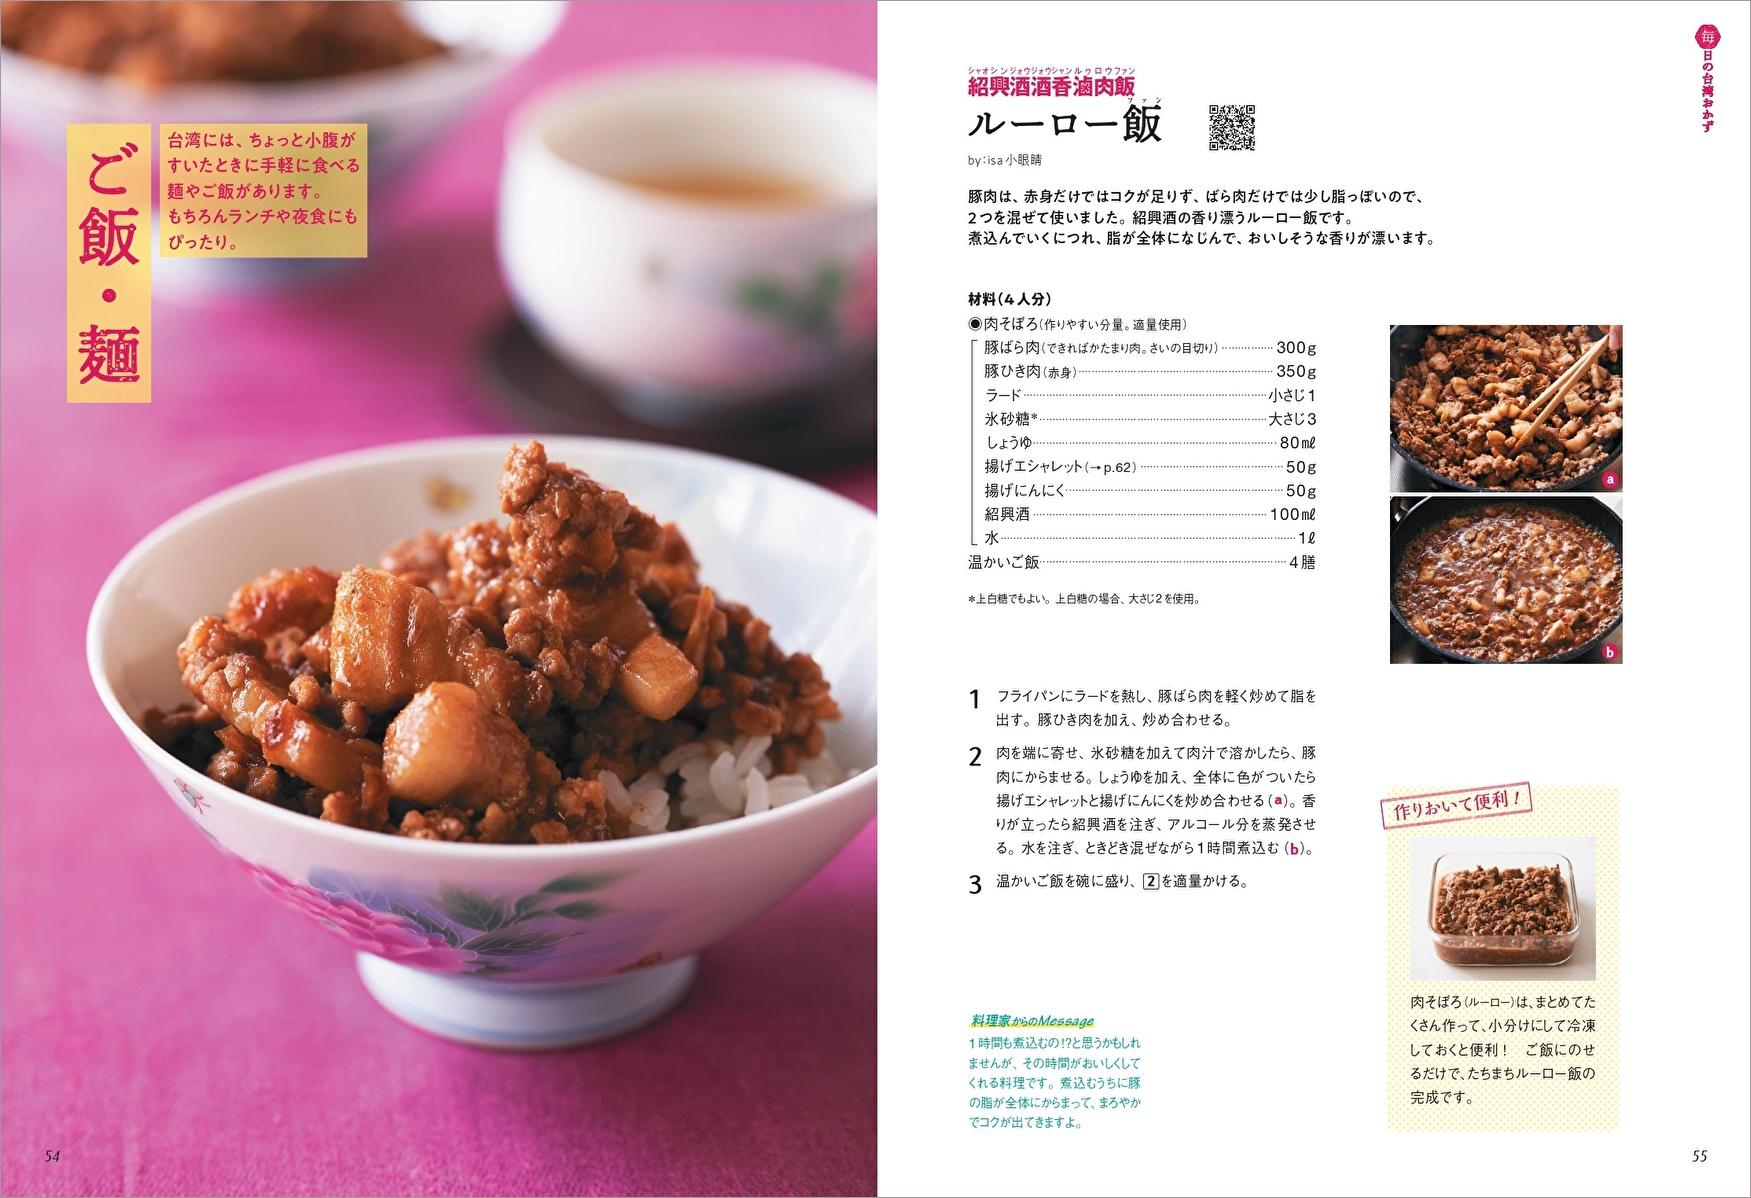 画像は、ルーロー飯のレシピページ。『おいしい台湾レシピ』(世界文化社)より